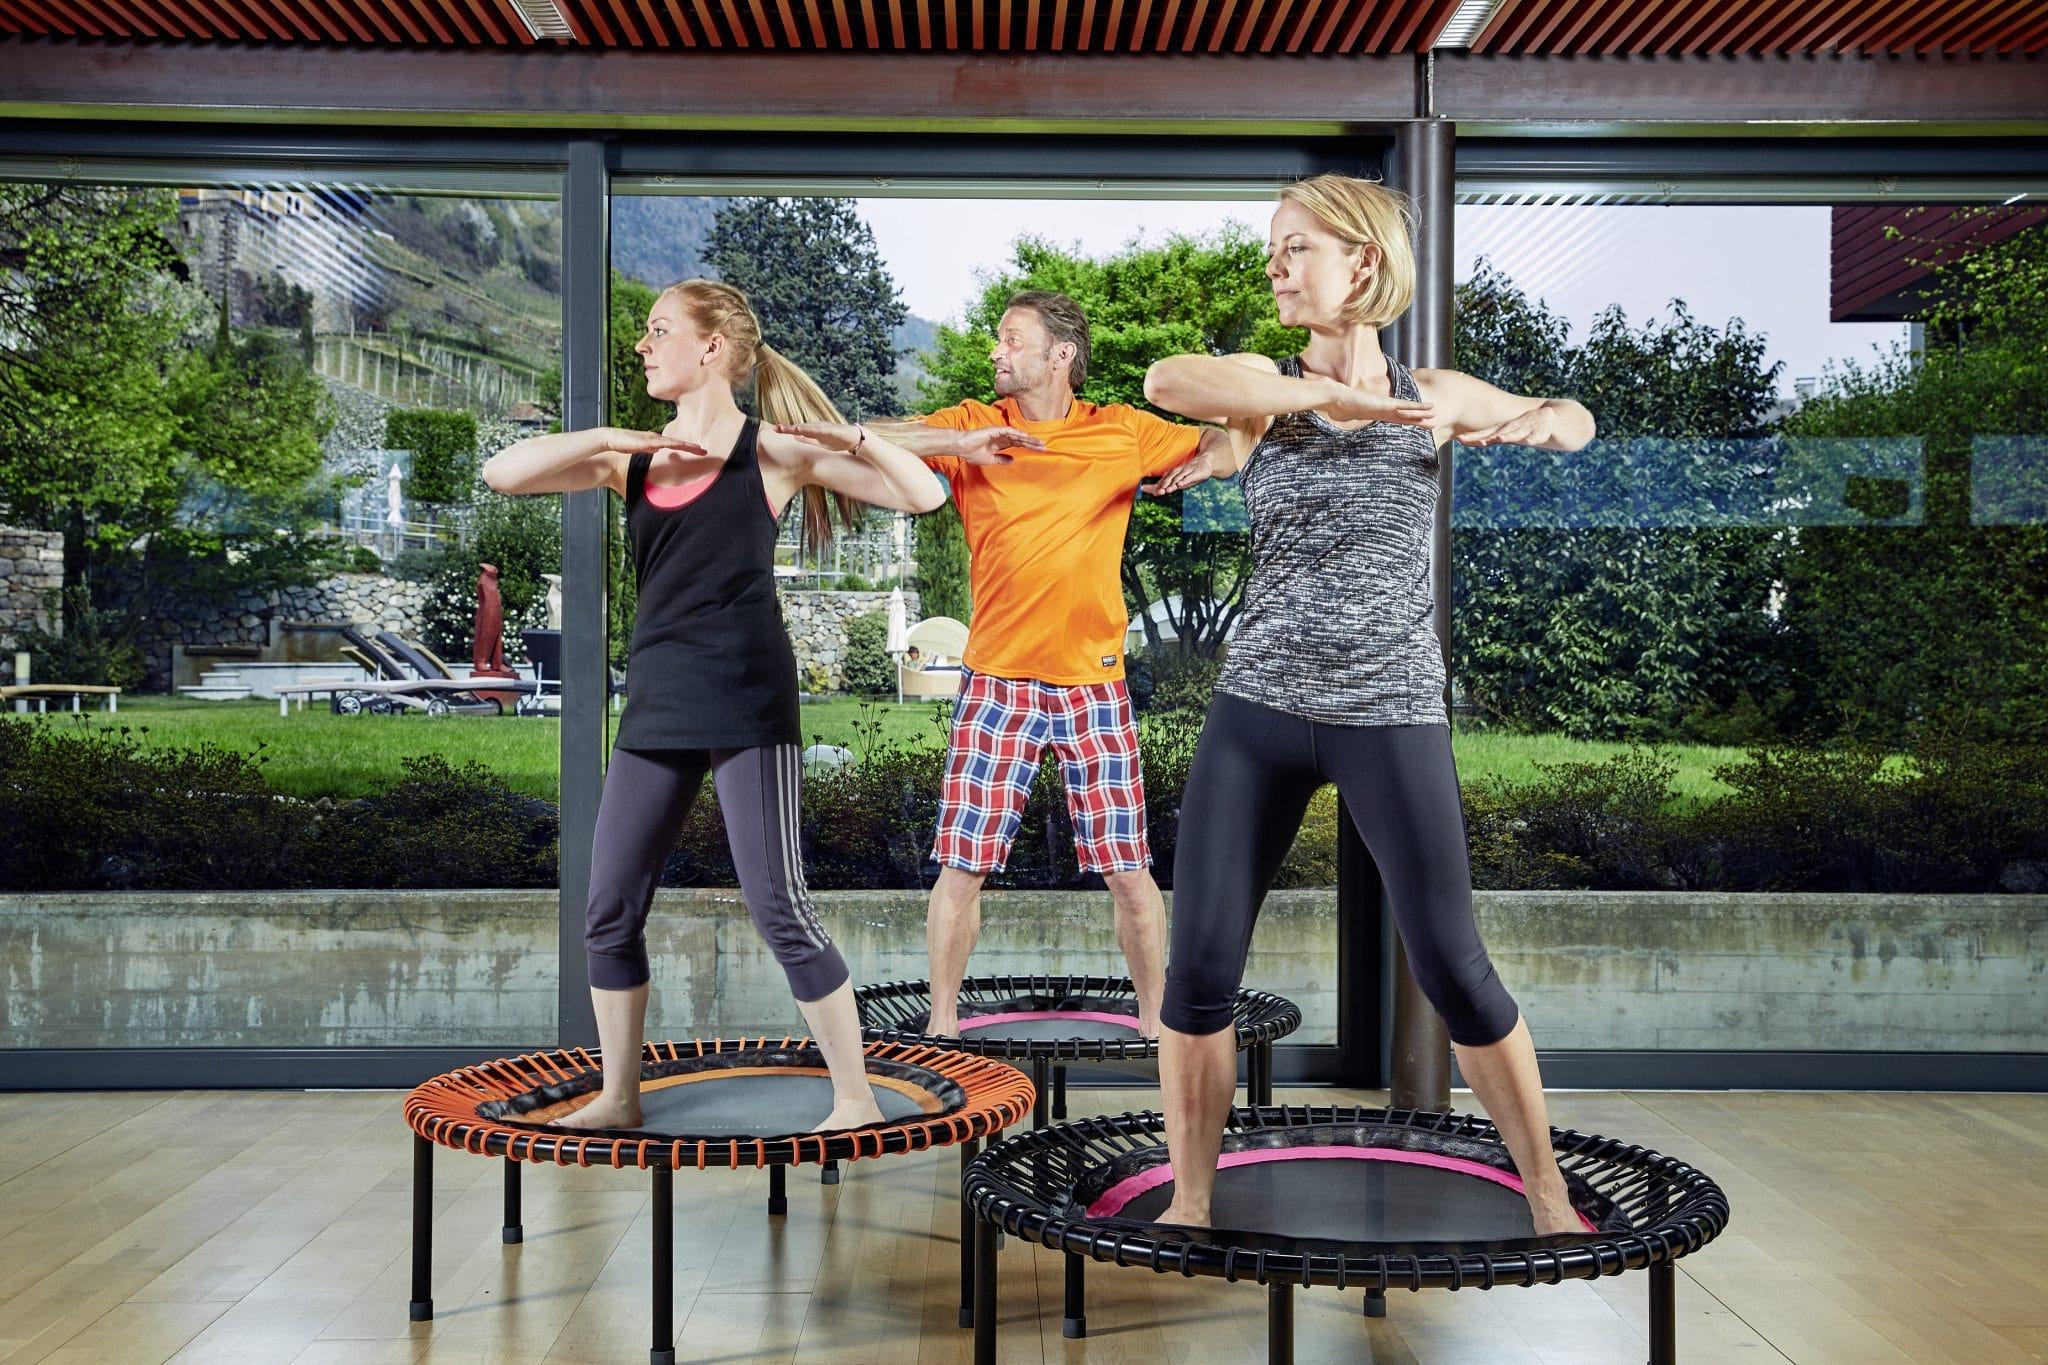 Freuen Sie sich auf Ihren Fitnessurlaub in Südtirol